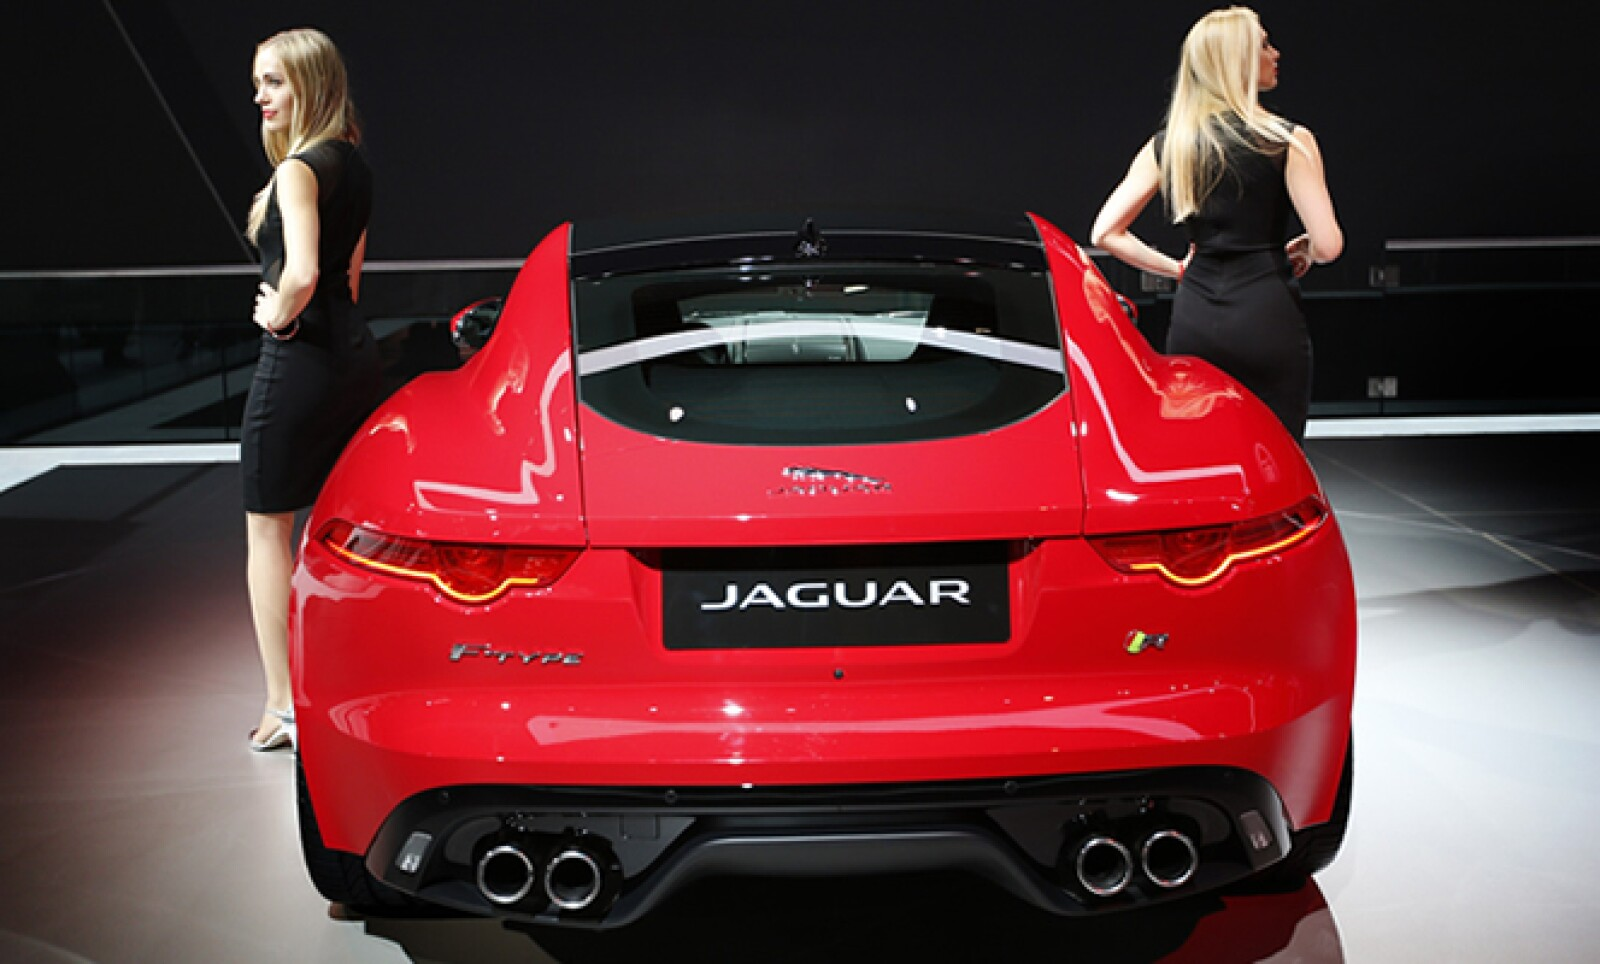 Jaguar presentó un convertible súper ligero de dos asientos.